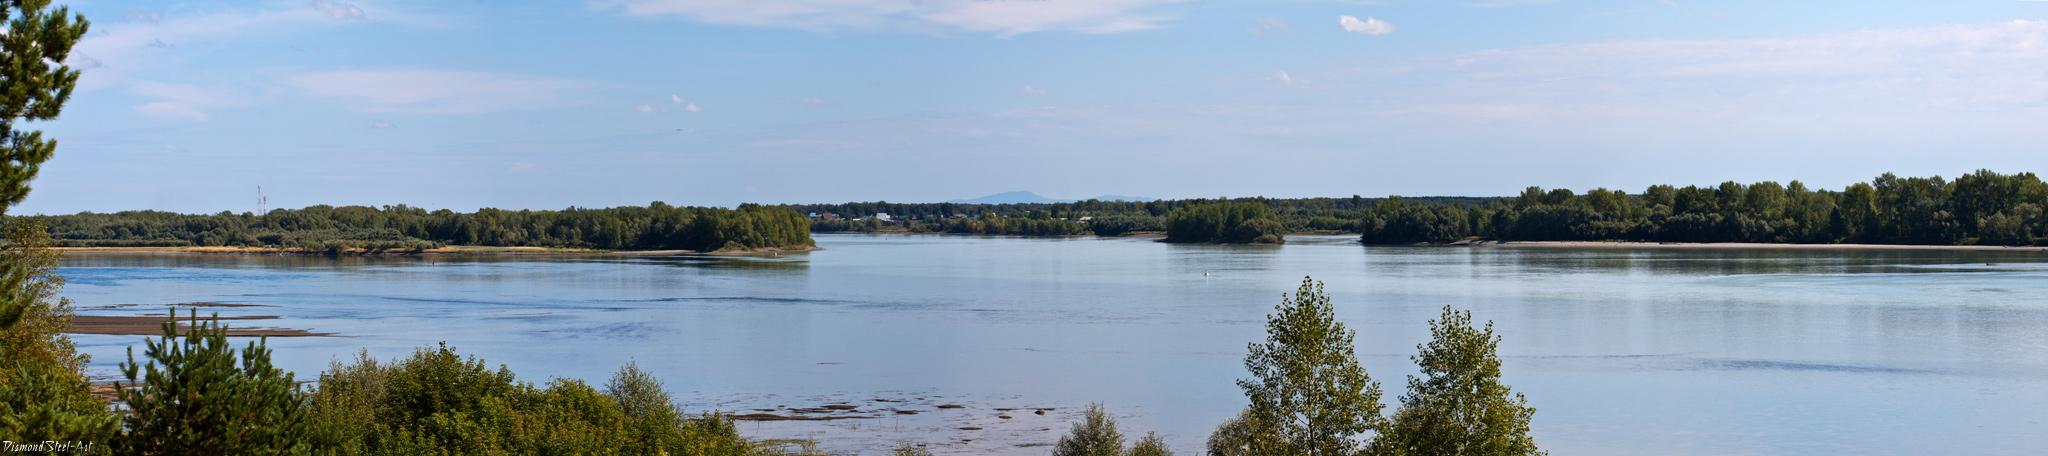 Слияние рек Катуни и Бии